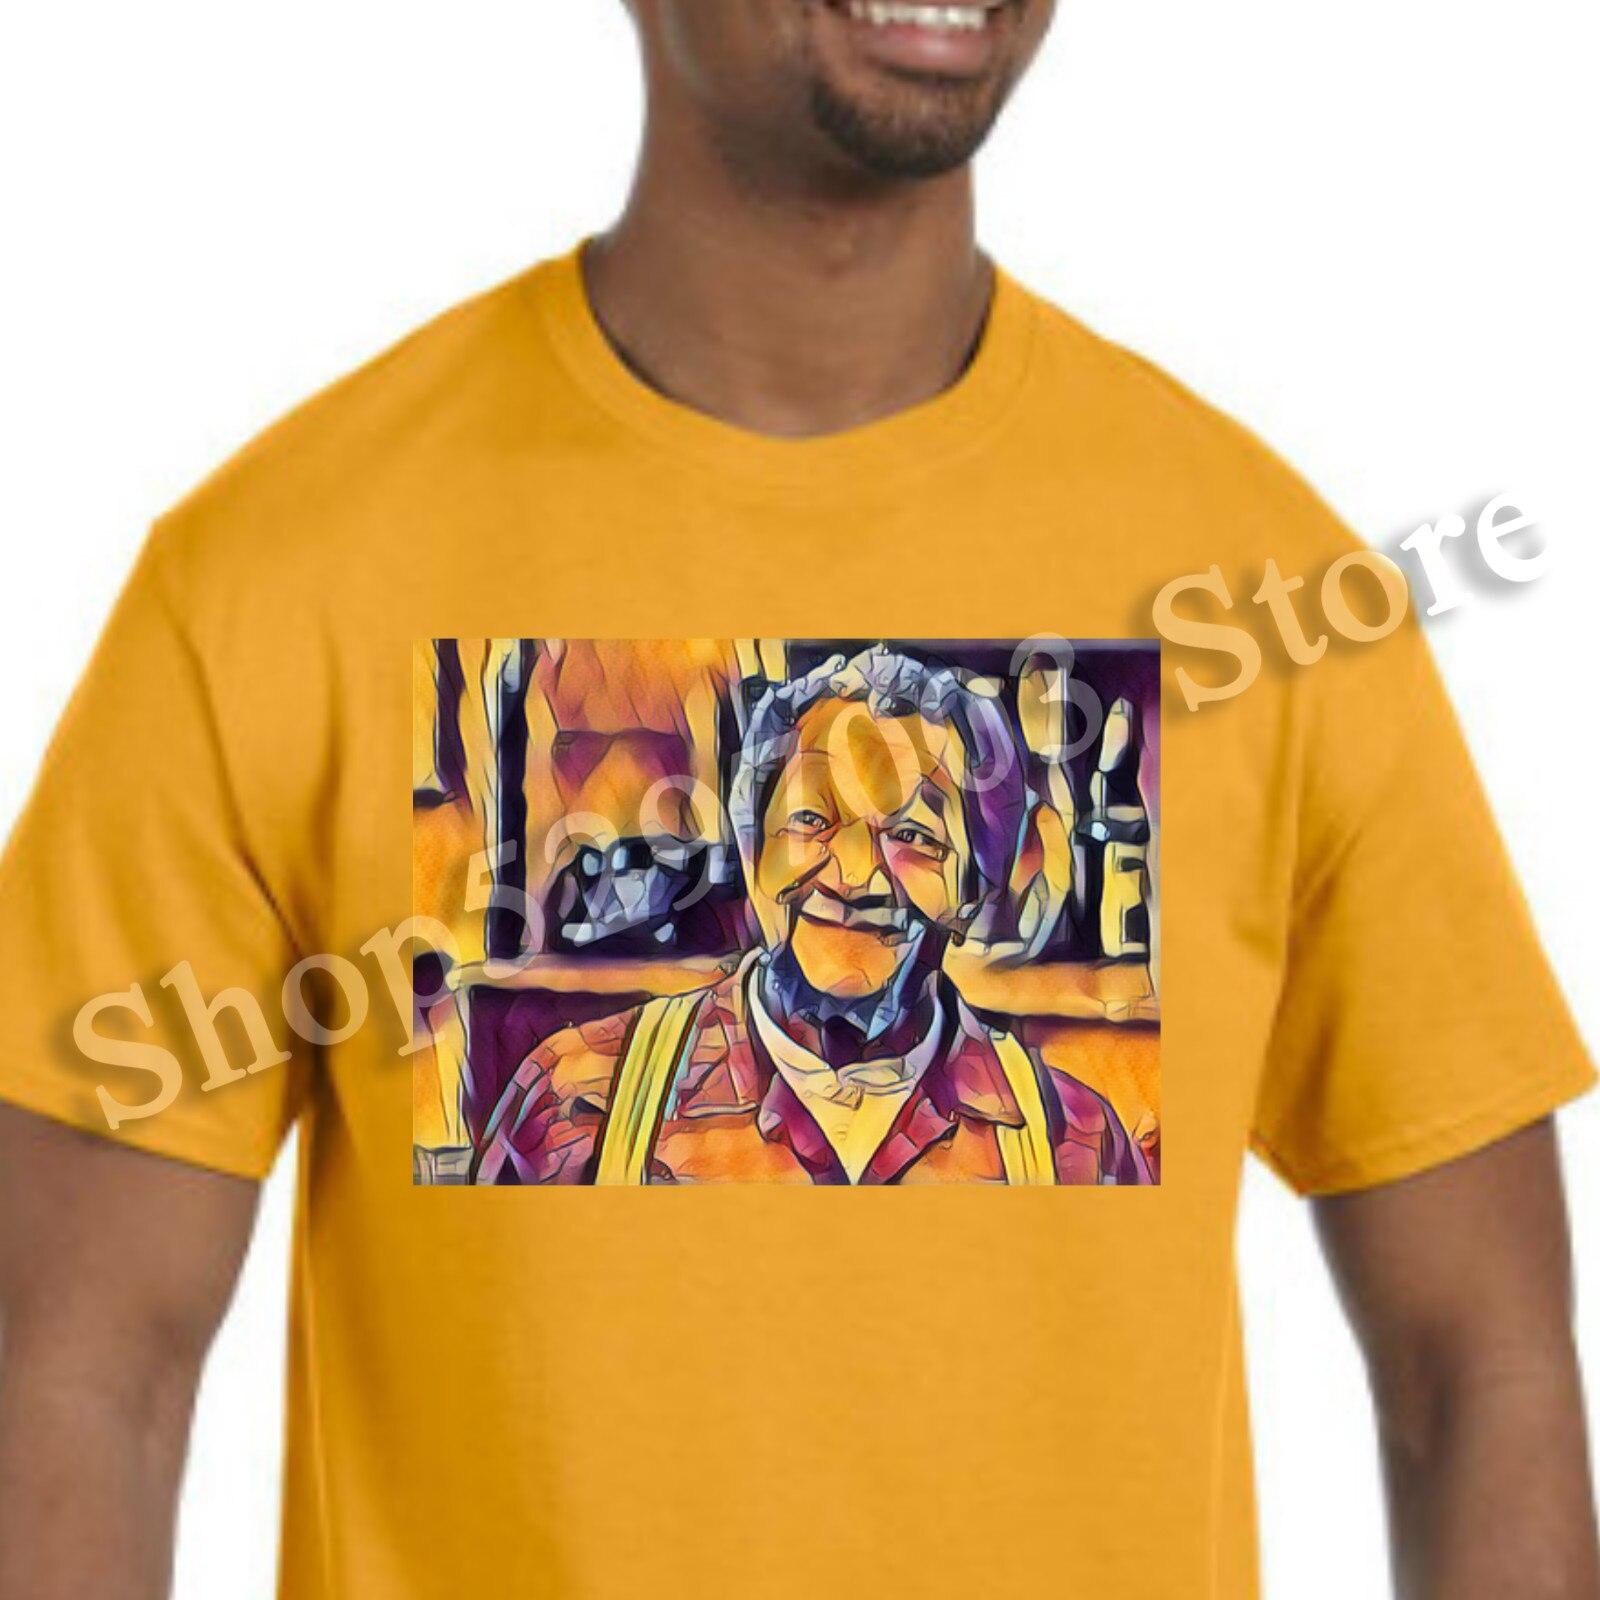 Camiseta nueva Nwt elige tu Color y tamaño Redd Foxx Sanford e Hijo para jóvenes de mediana edad la vieja camiseta